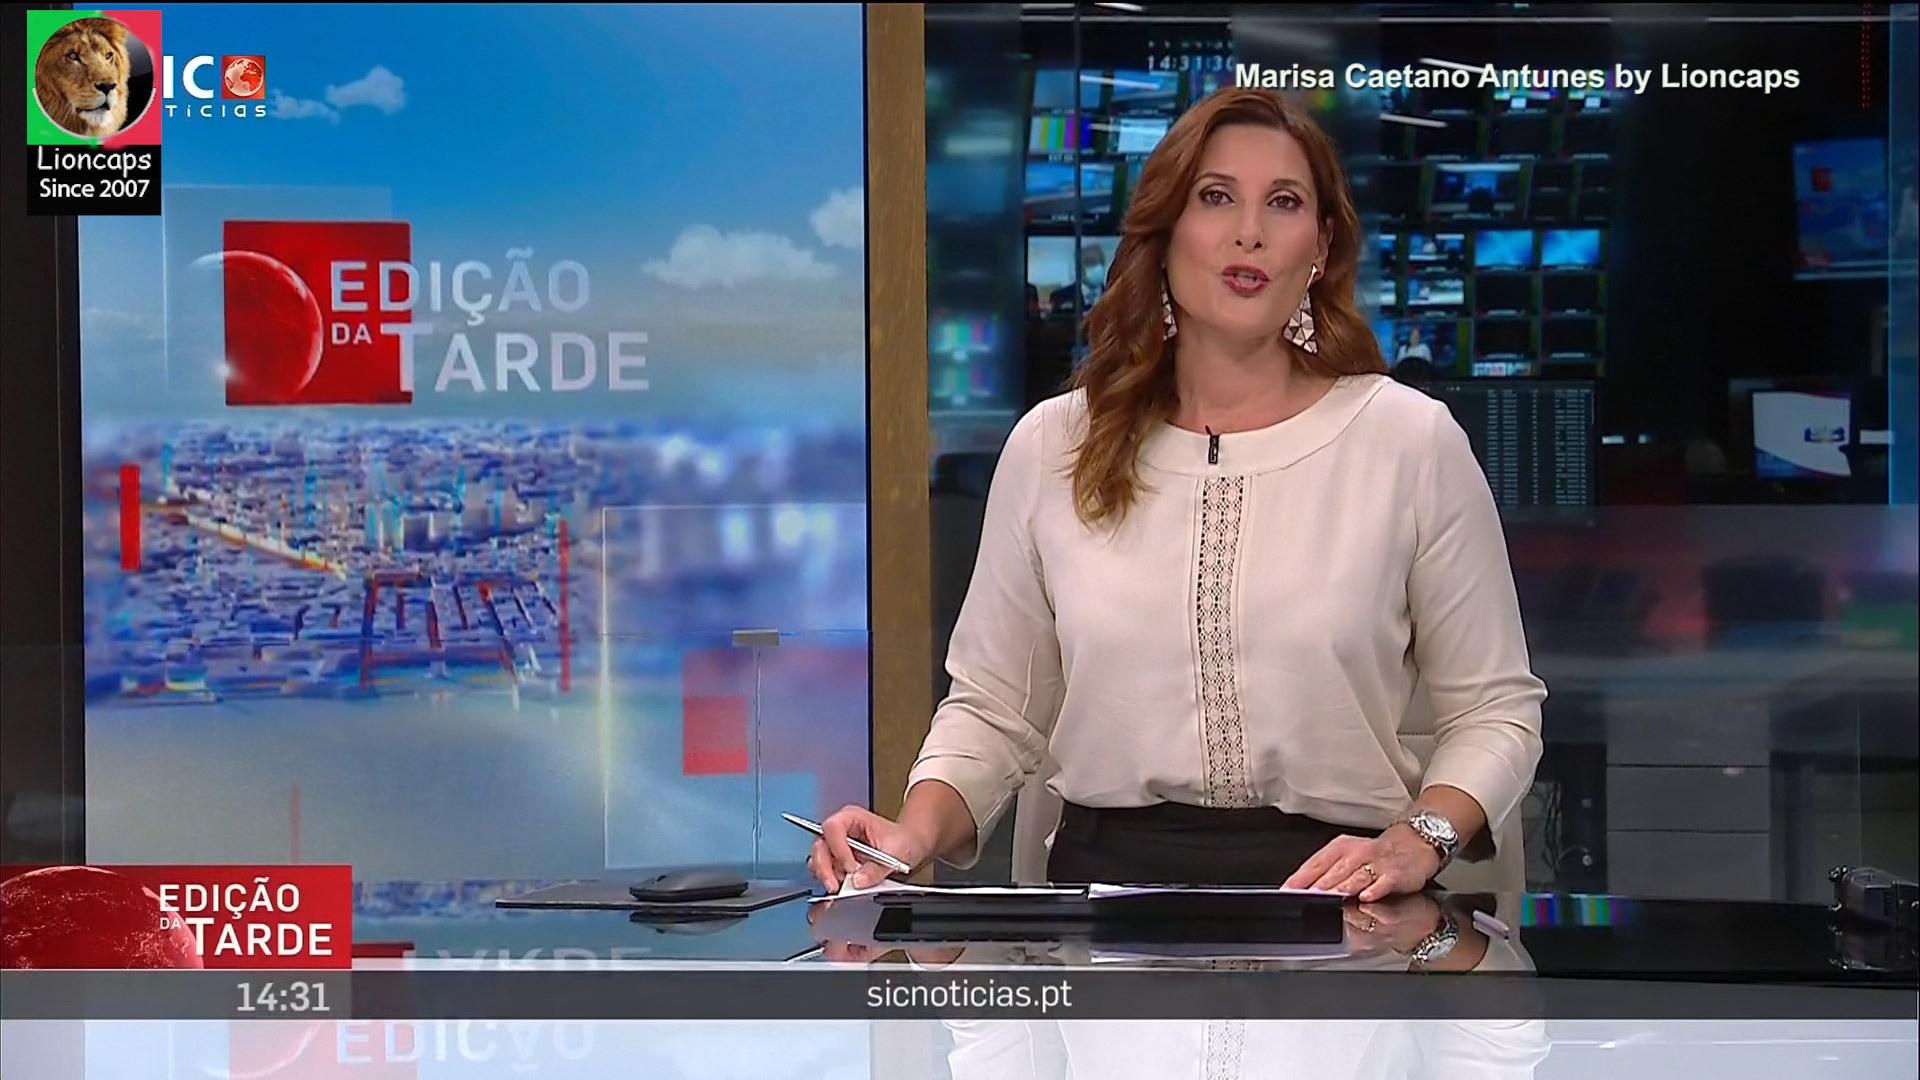 marisa_caetano_antunes_lioncaps_24_07_2021 (13).jpg